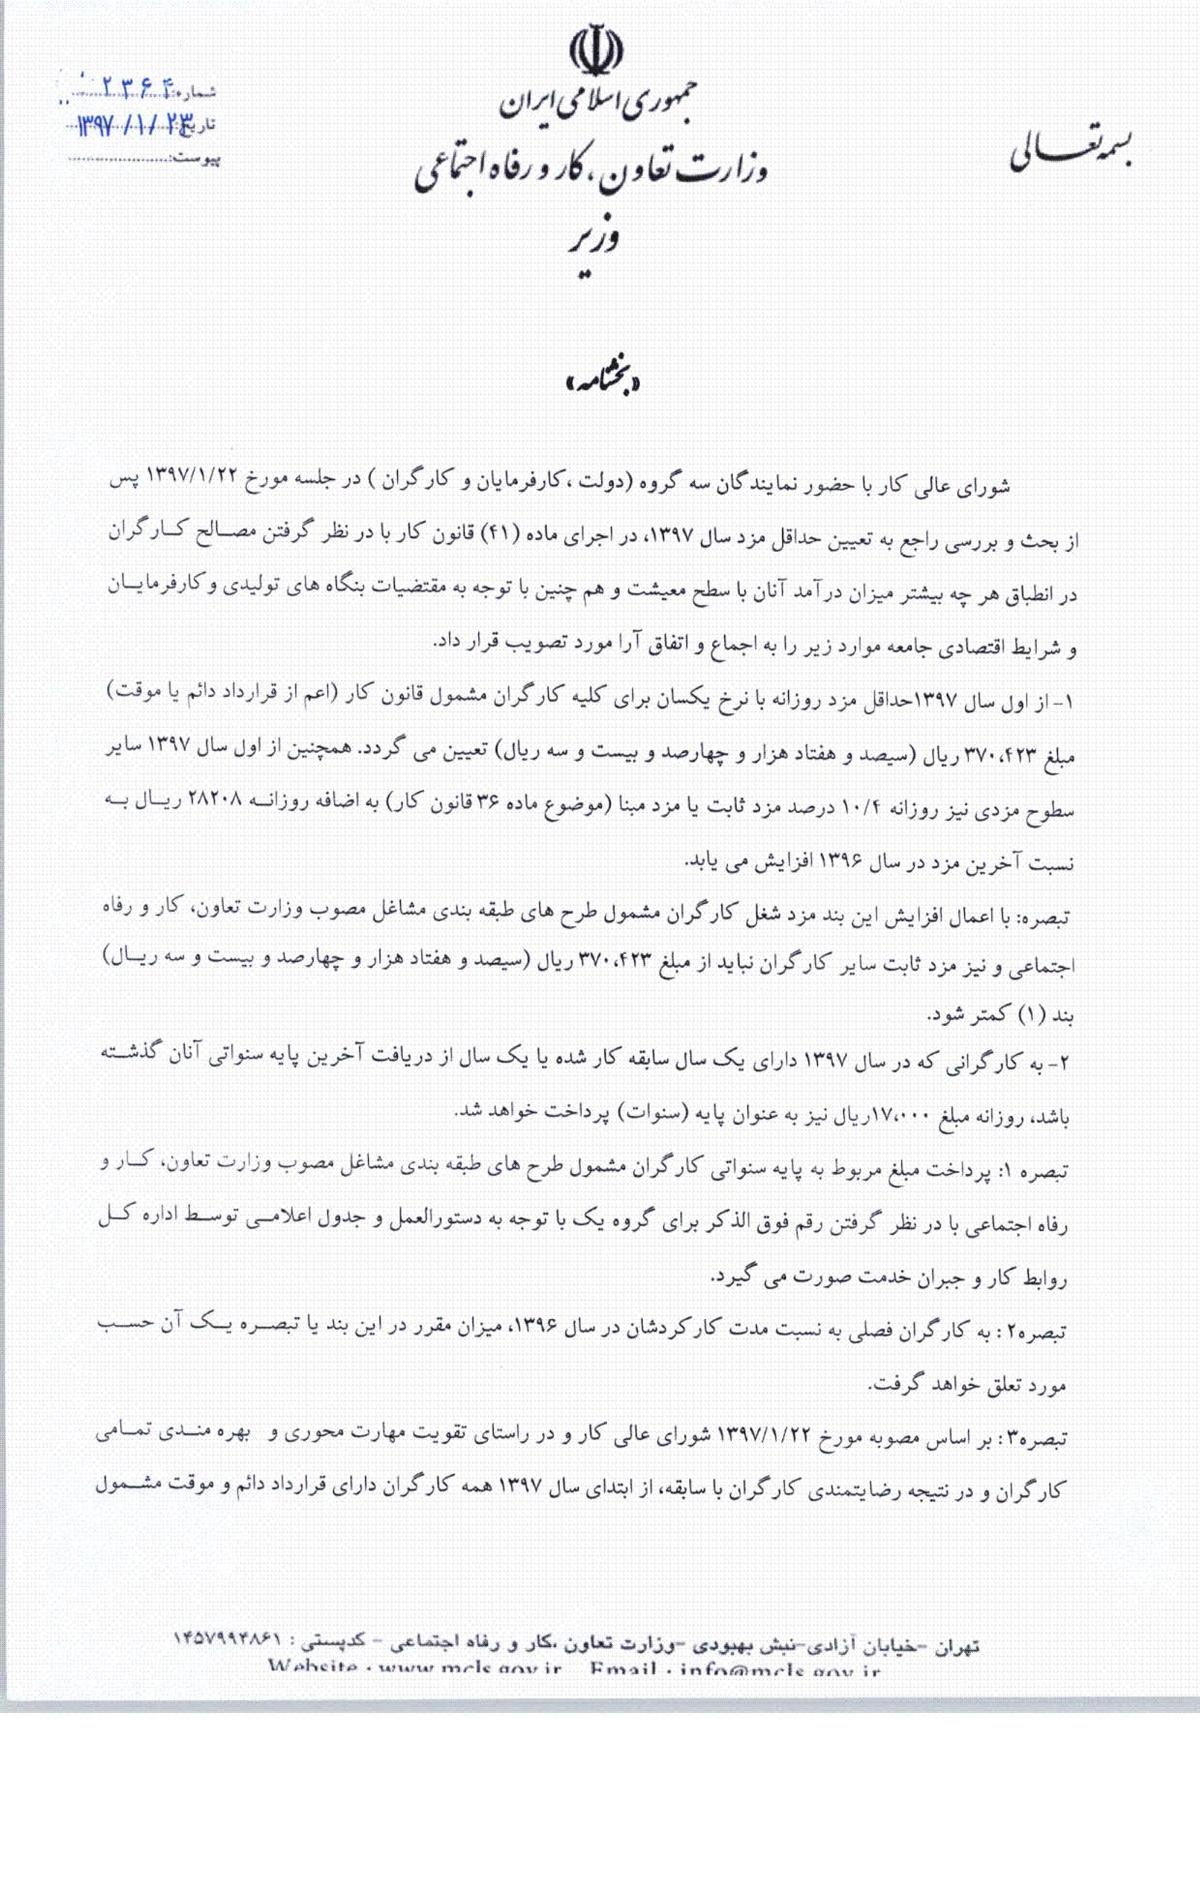 بخشنامه دستمزد ۹۷ ابلاغ شد+ متن کامل دستورالعملهای افزایش مزد